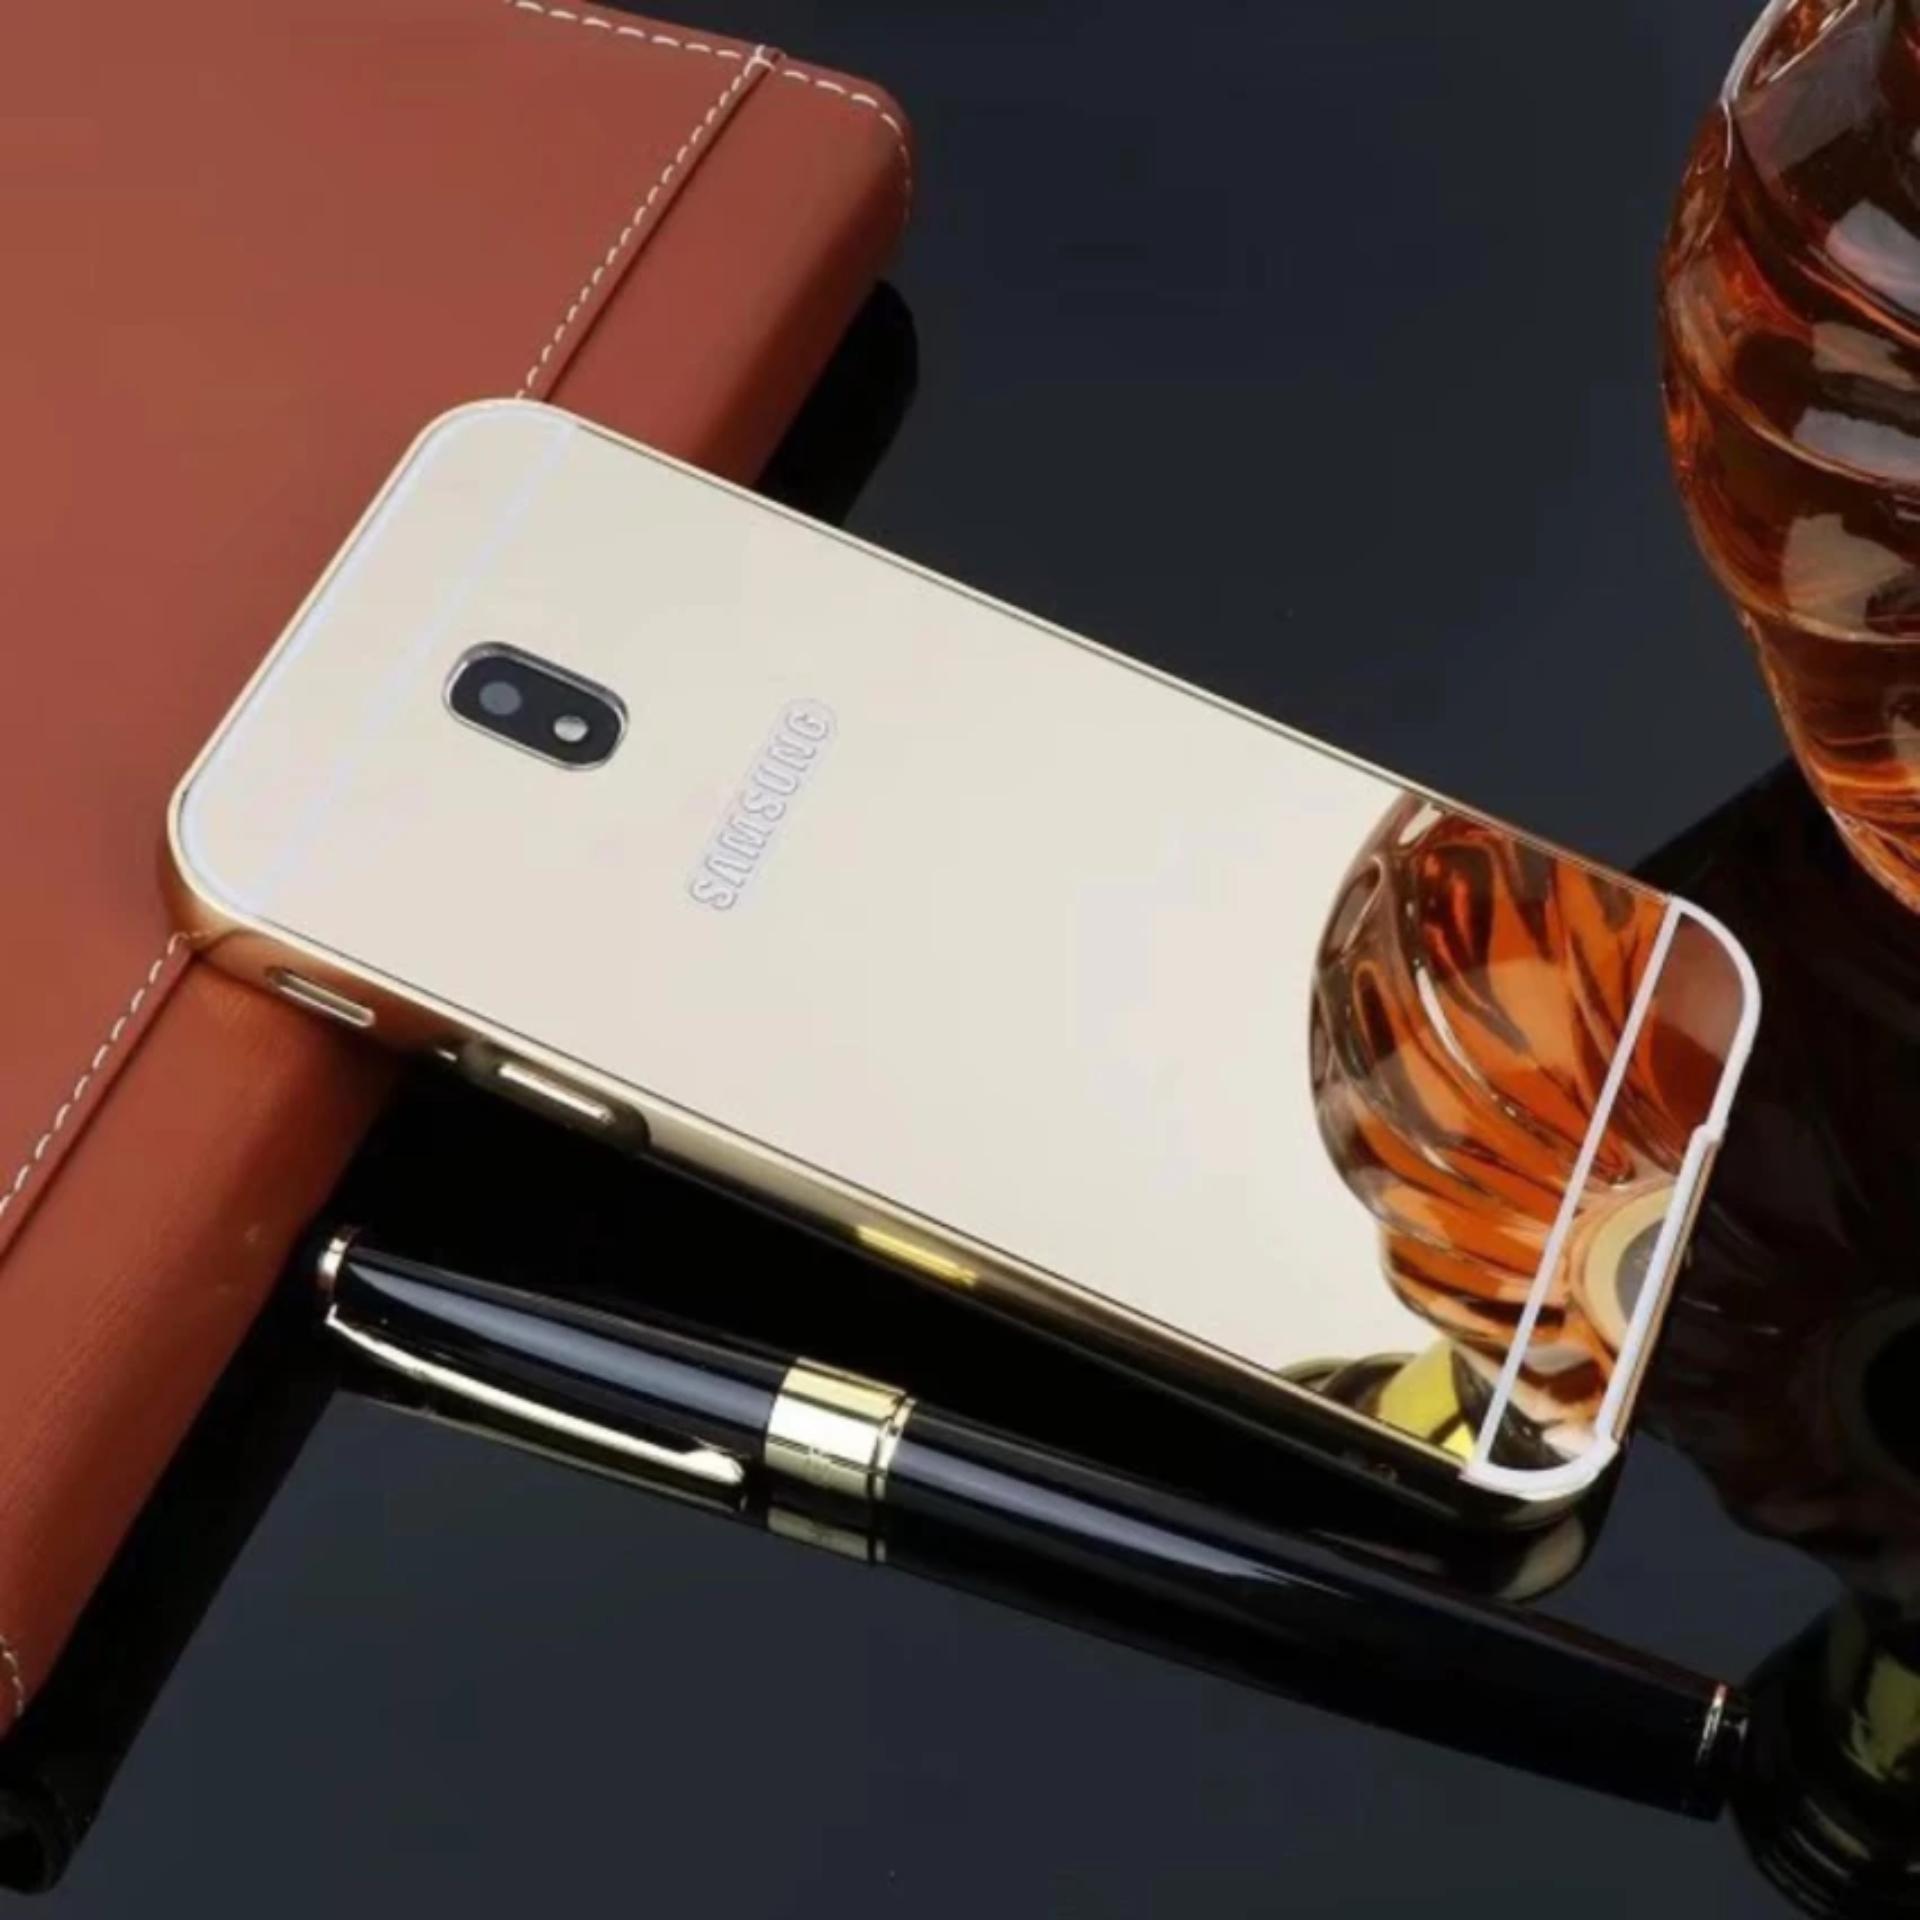 Hình ảnh Ốp lưng tráng gương viền kim loại cho Samsung Galaxy J7 Pro - Hàng nhập khẩu